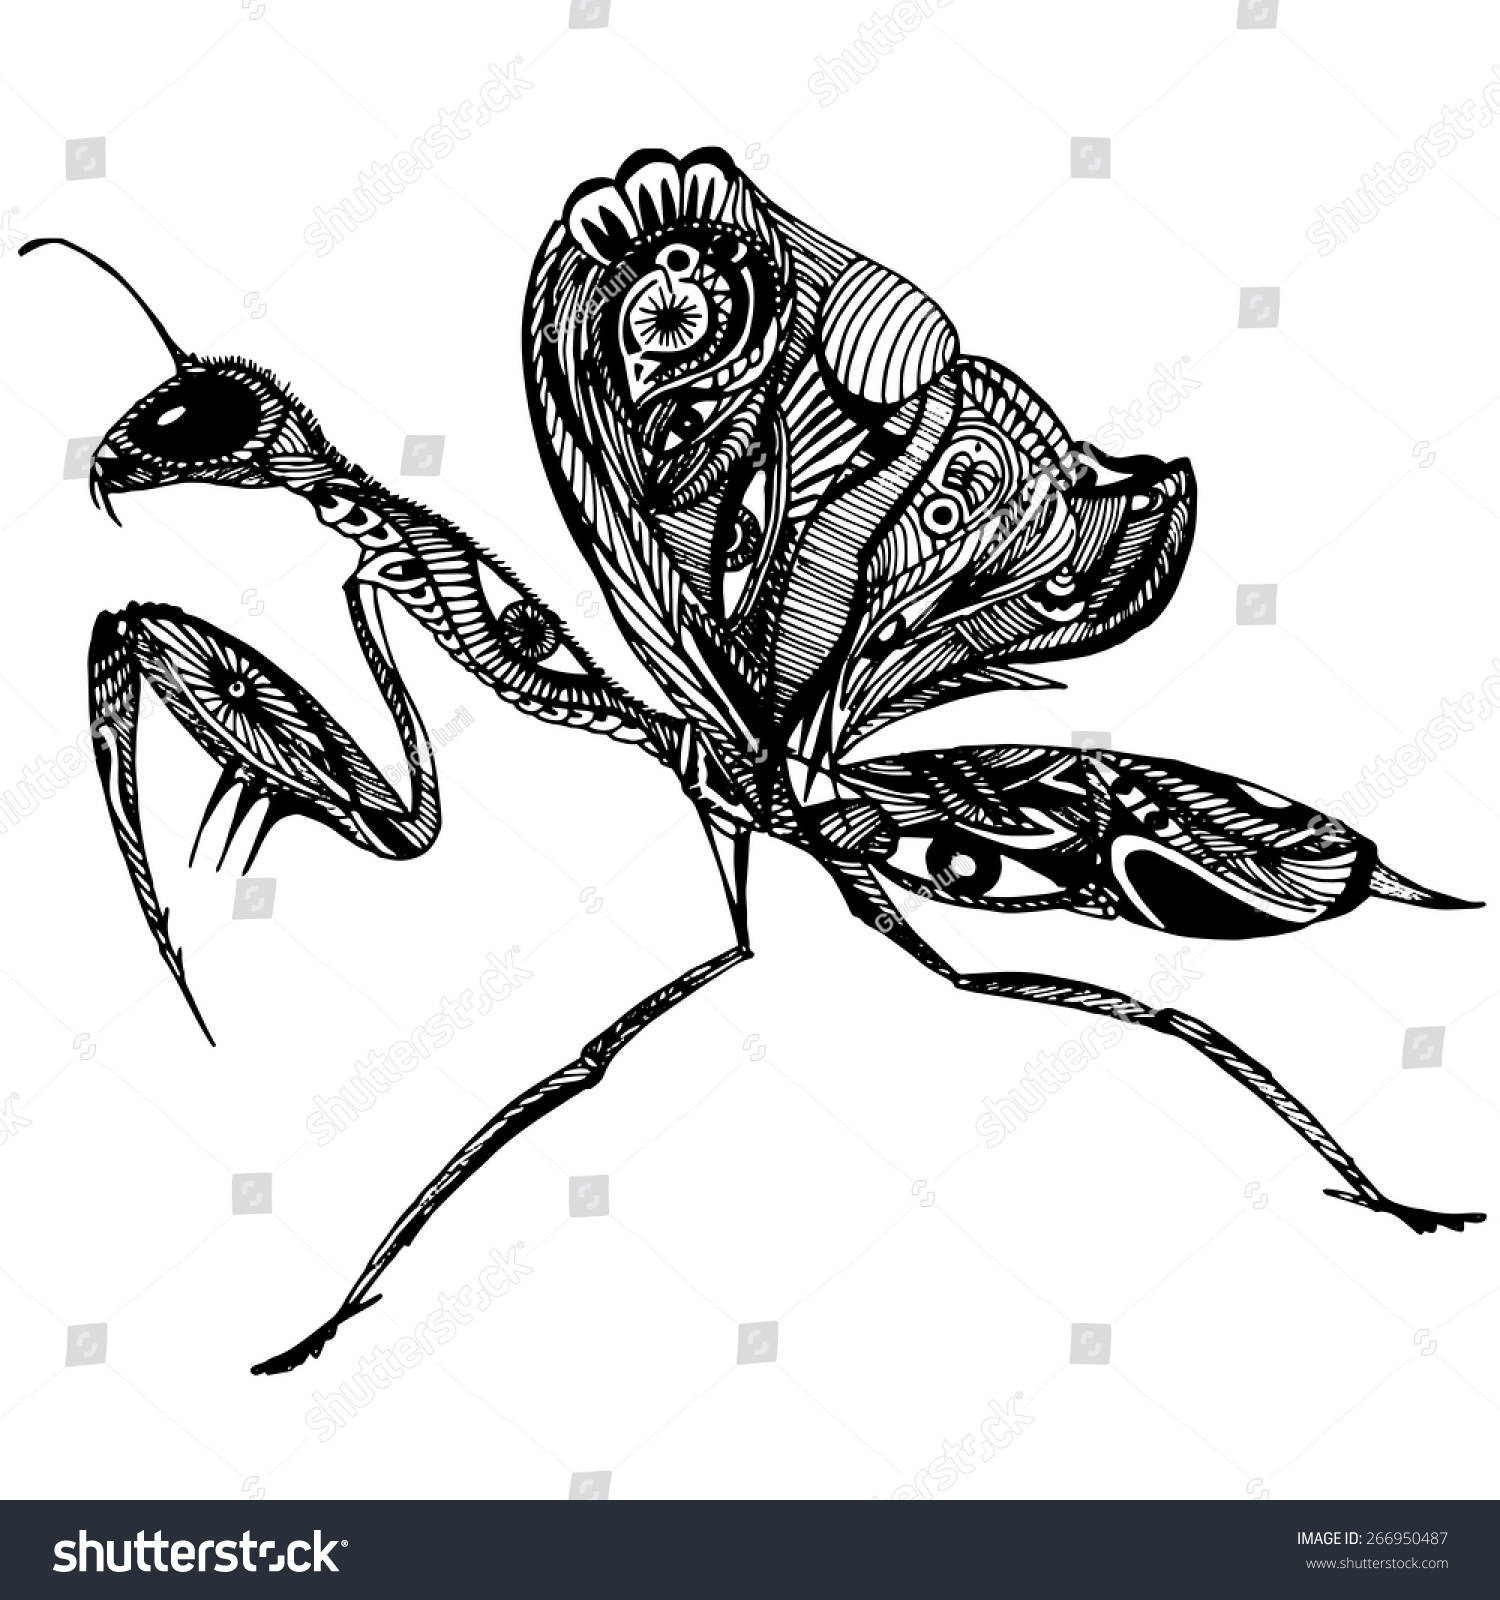 花纹矢量螳螂-动物/野生生物